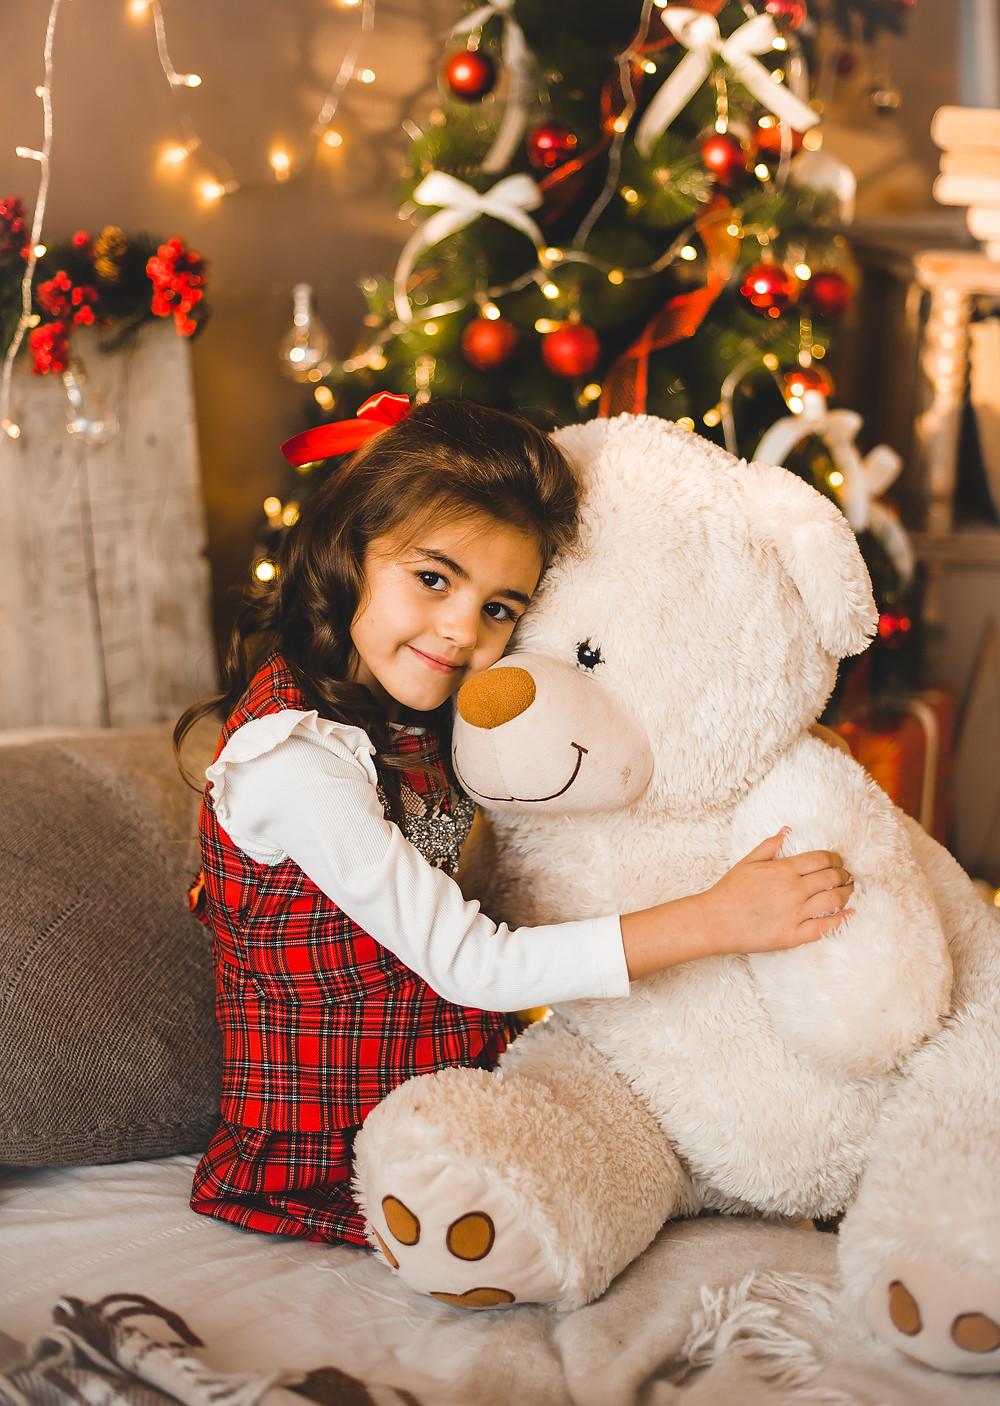 A little girl hugging a big teddy